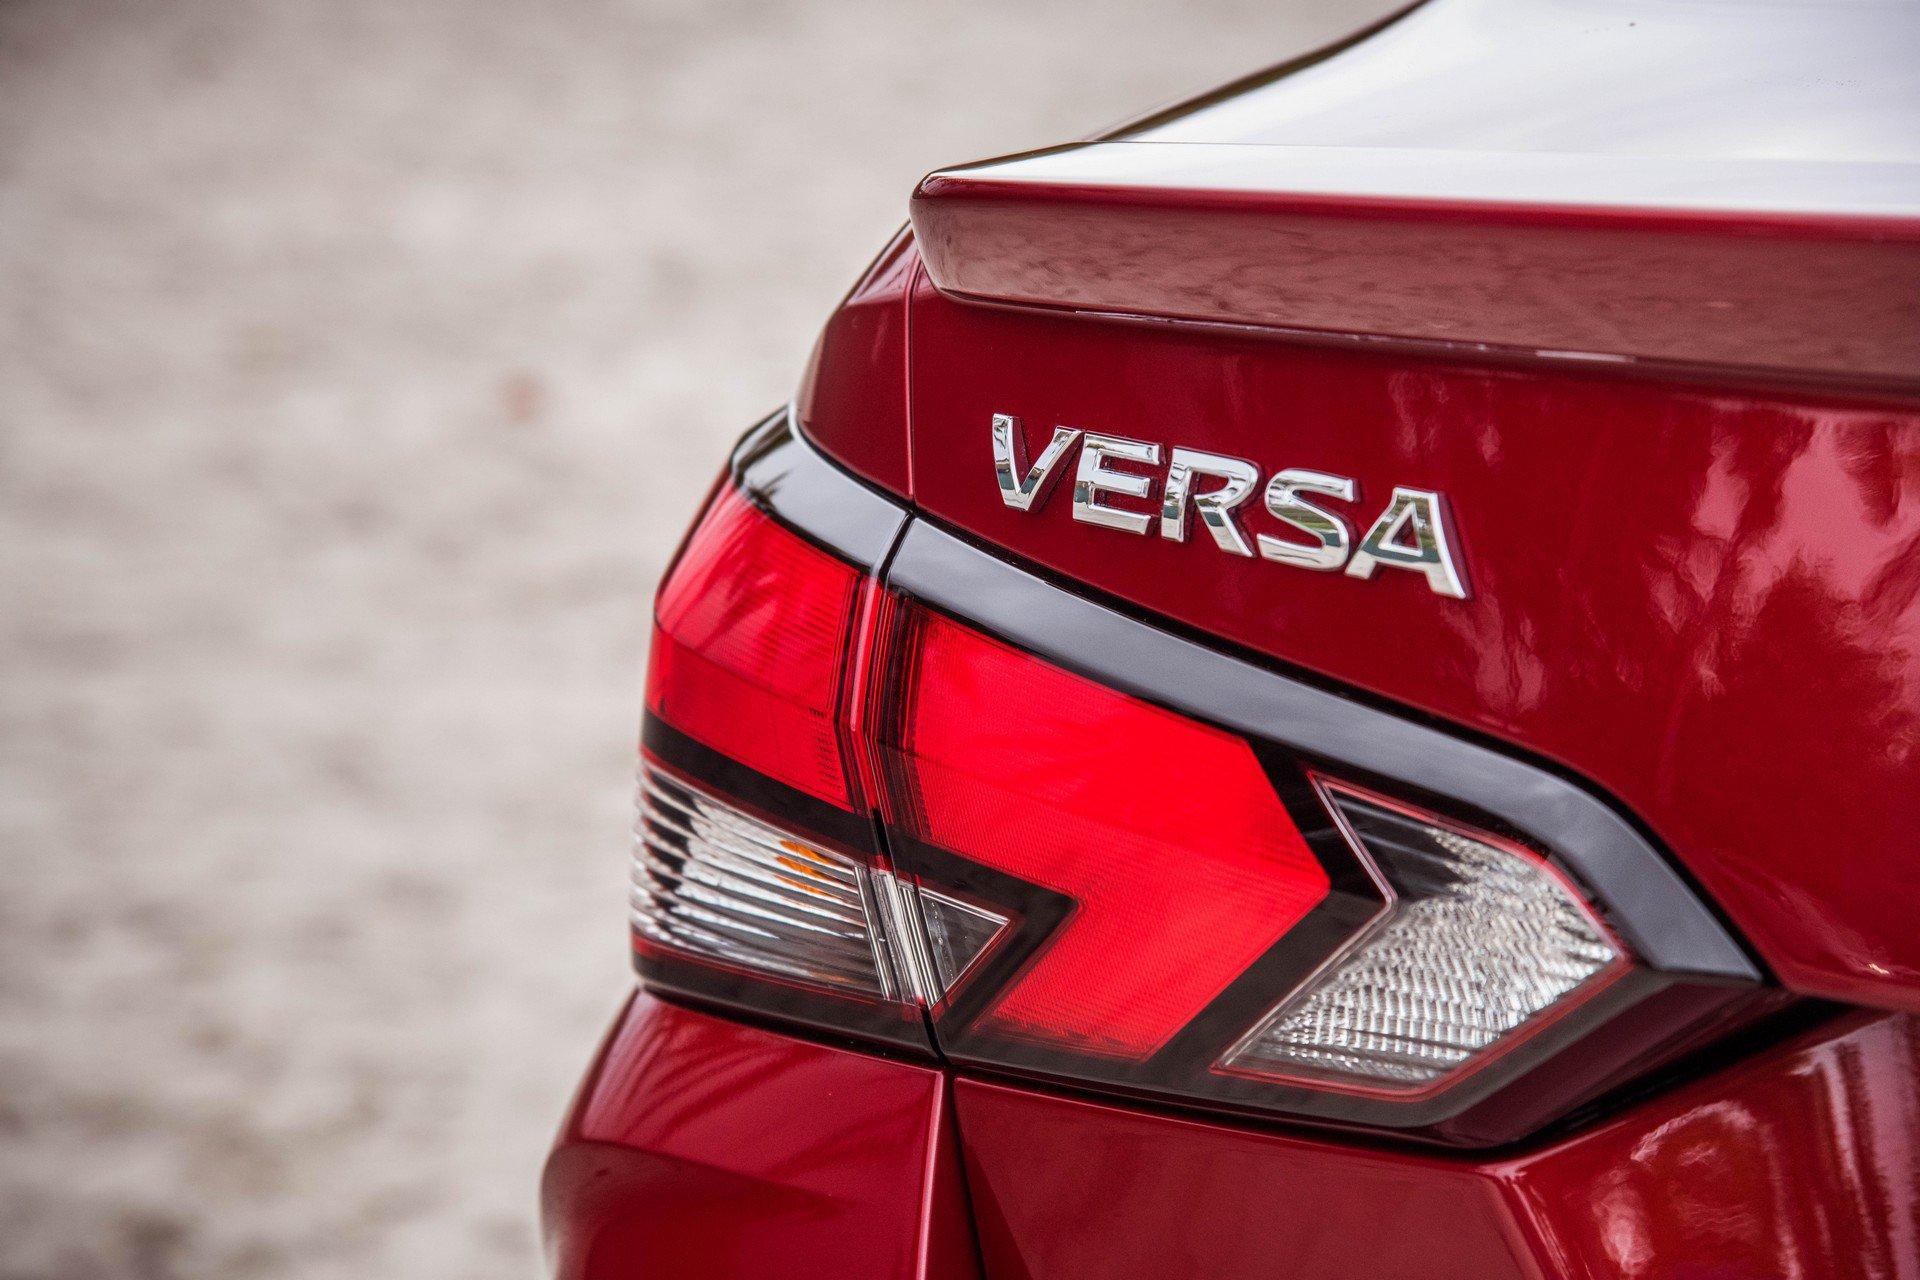 2020 Nissan Versa Tail Light Wallpaper (13)